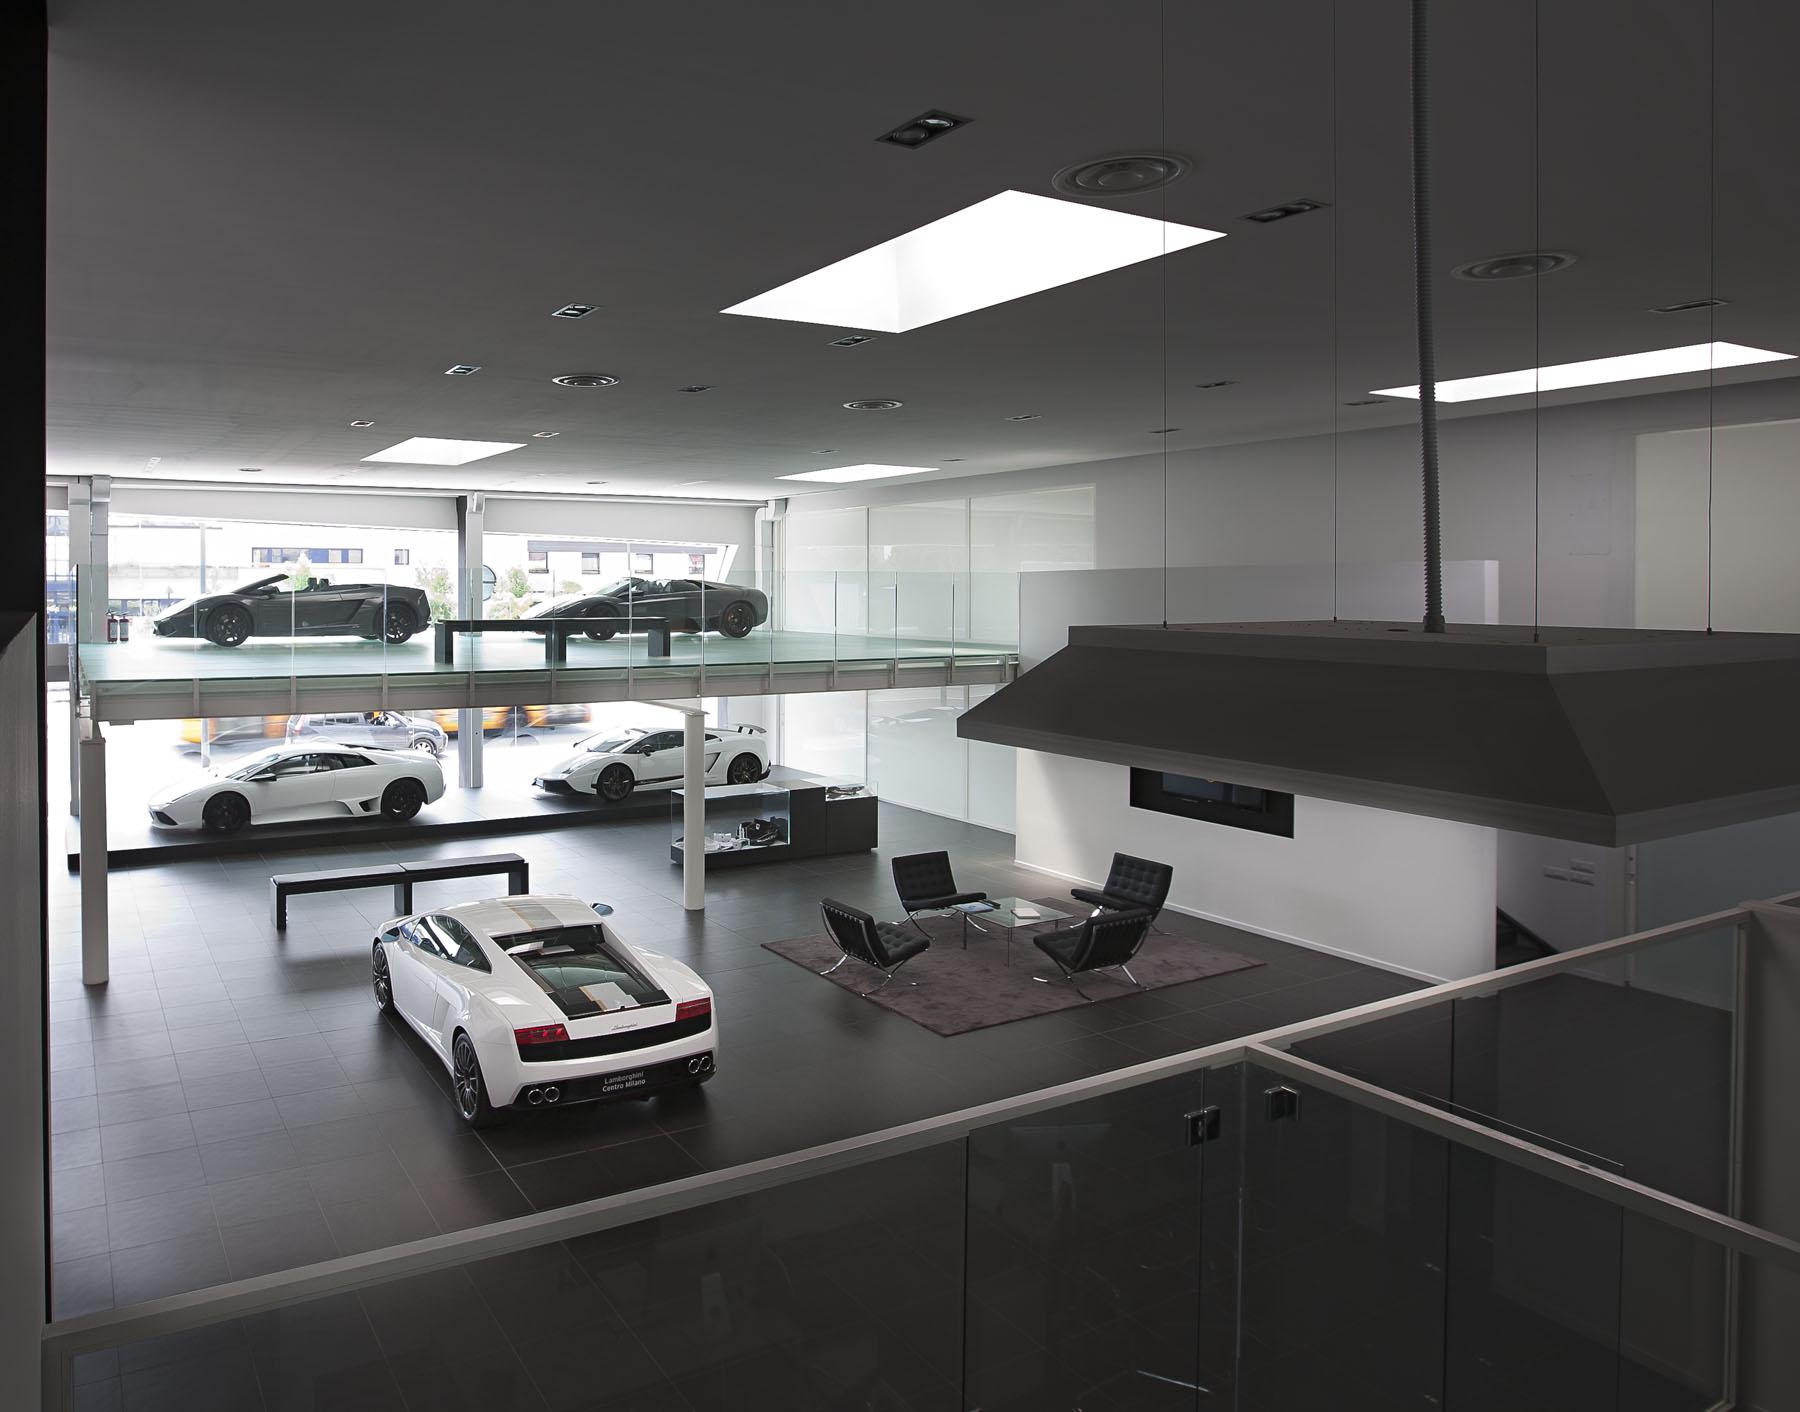 Lamborghini centro milano chiara cadeddu fotografo for Centro arredo incasso milano